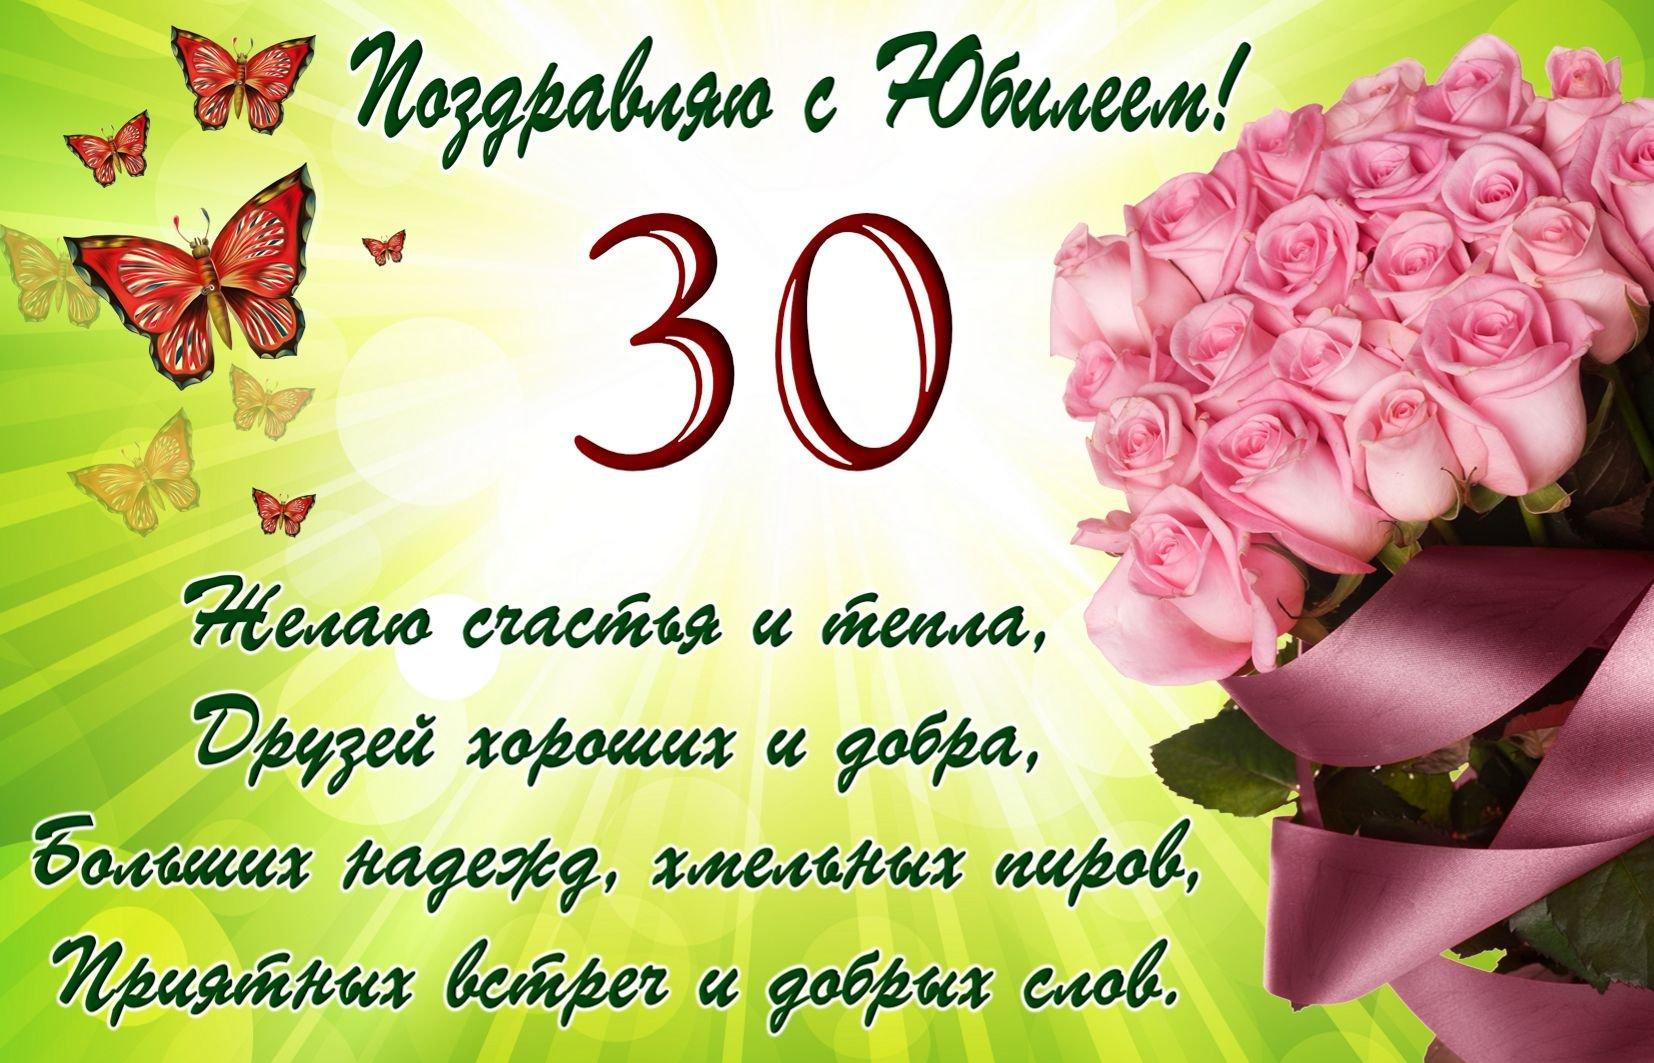 Крестнице годик, открытки с поздравлением с 25 летием рождения